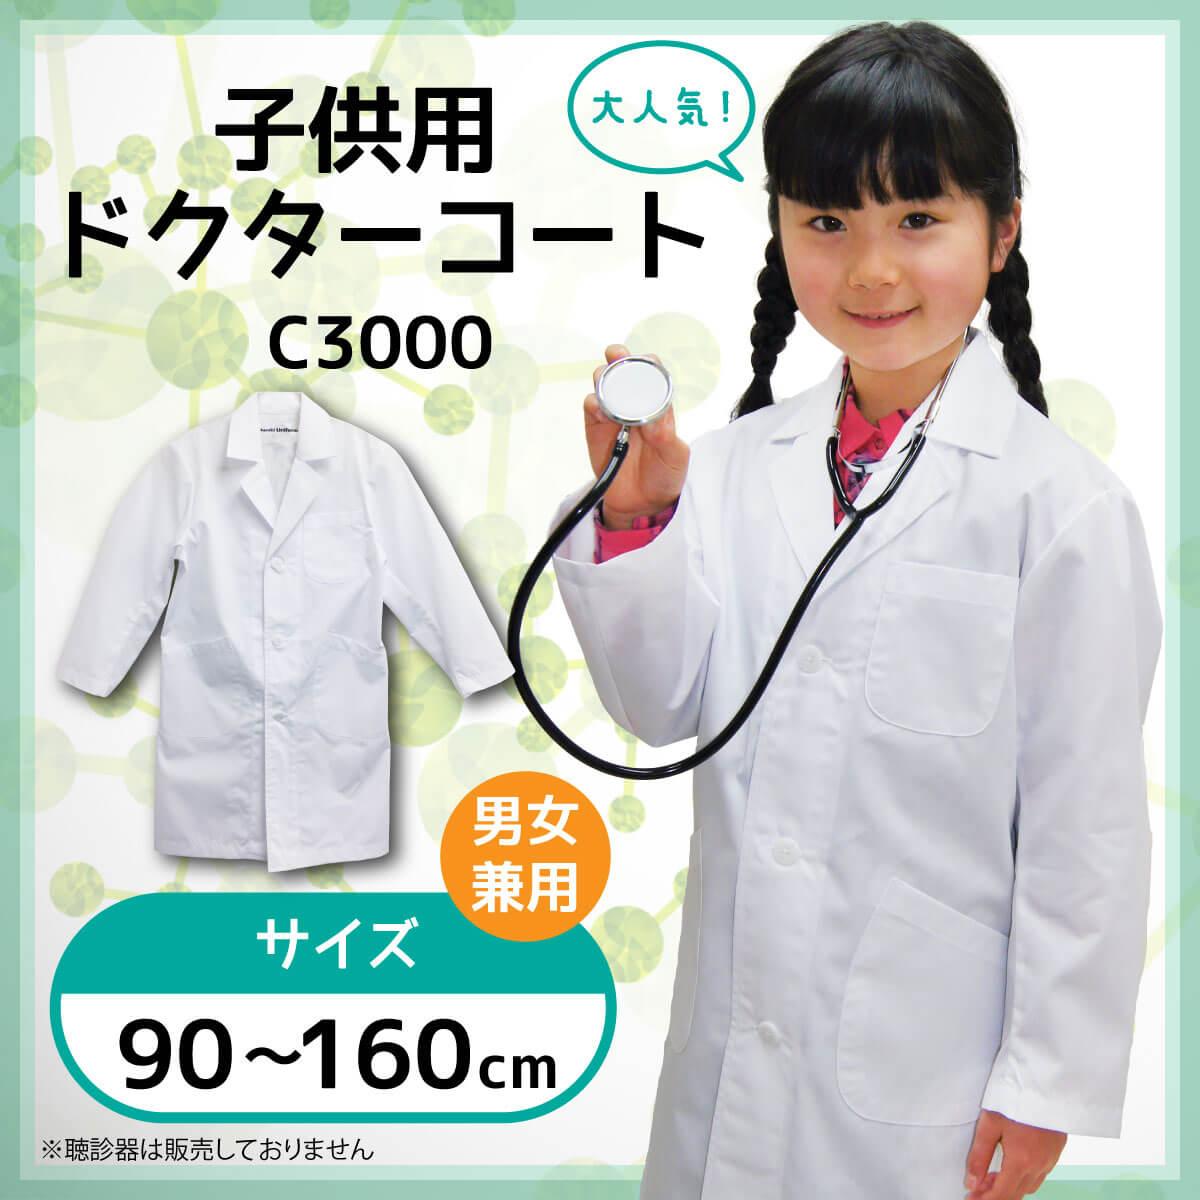 キッズ 子供用ドクターコート 子供 医者 診察衣 児童用 白衣 実験衣 実験着 博士 ポケット付き 長袖 白 ホワイト C3000